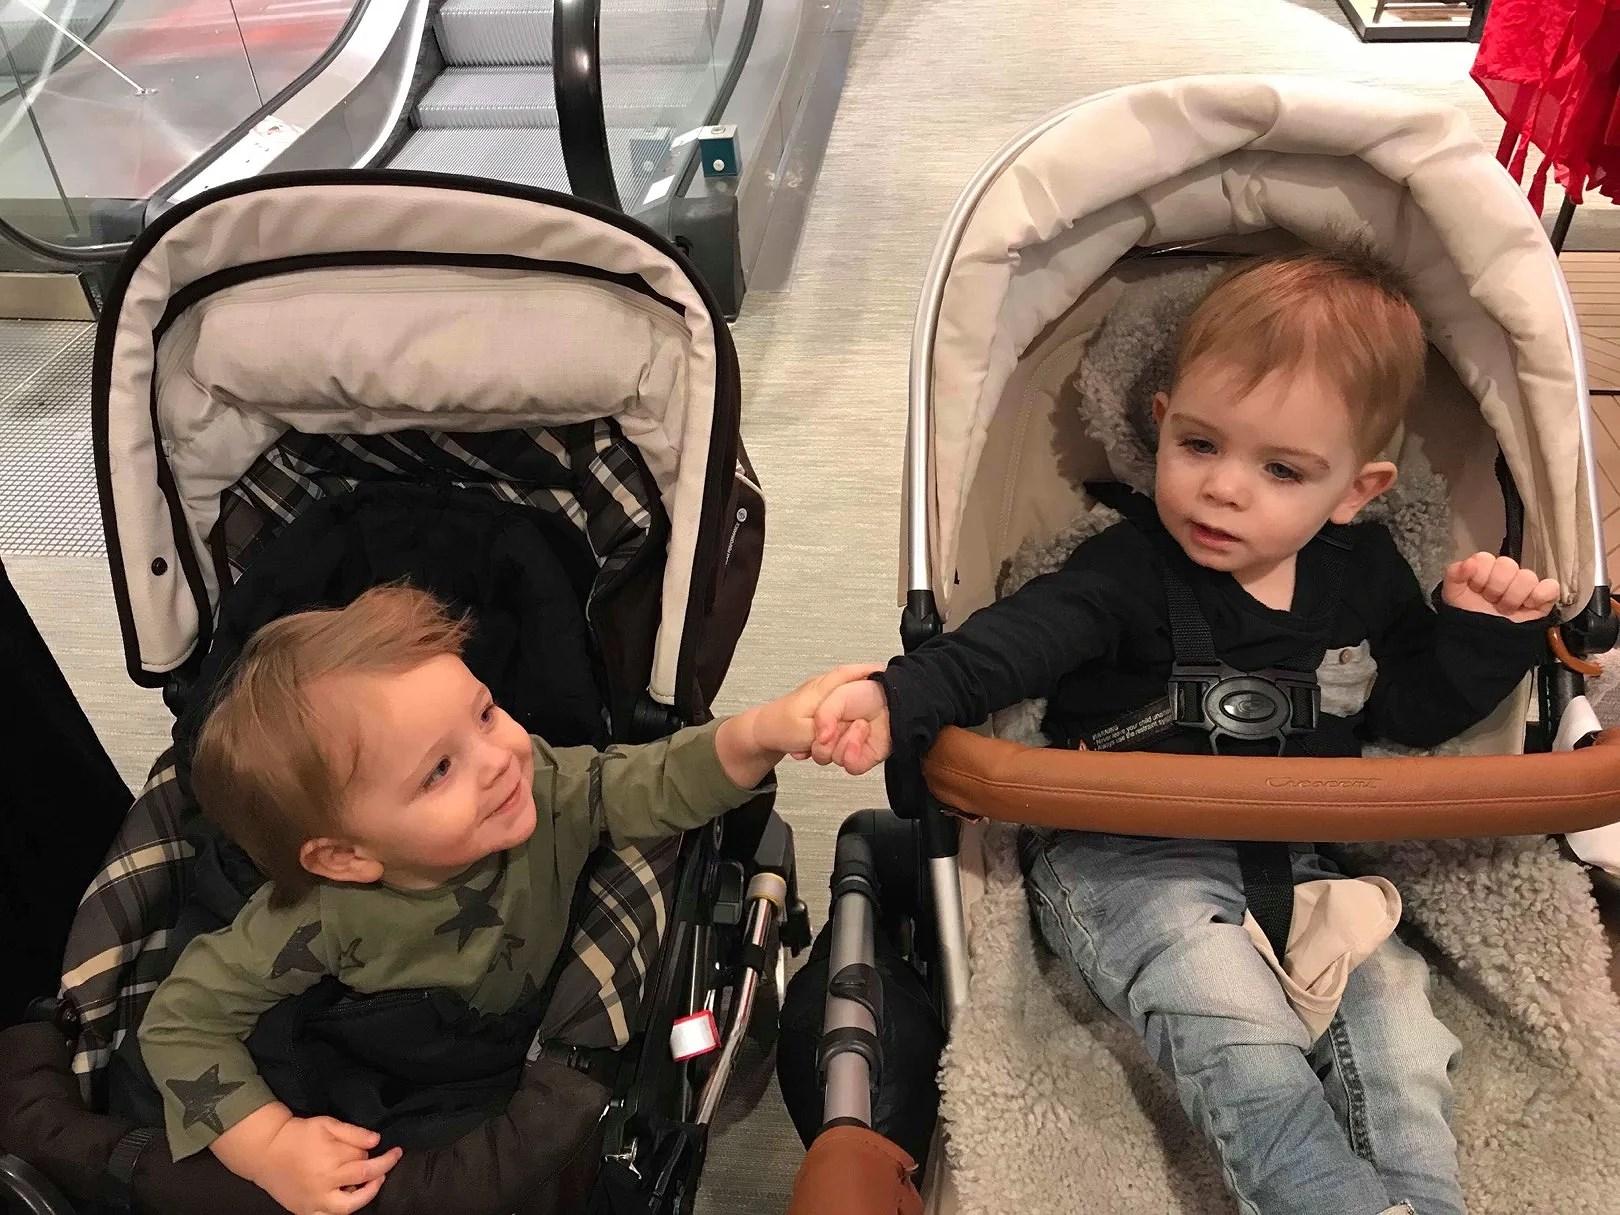 Fota ditt/dina barn när de håller någon i handen